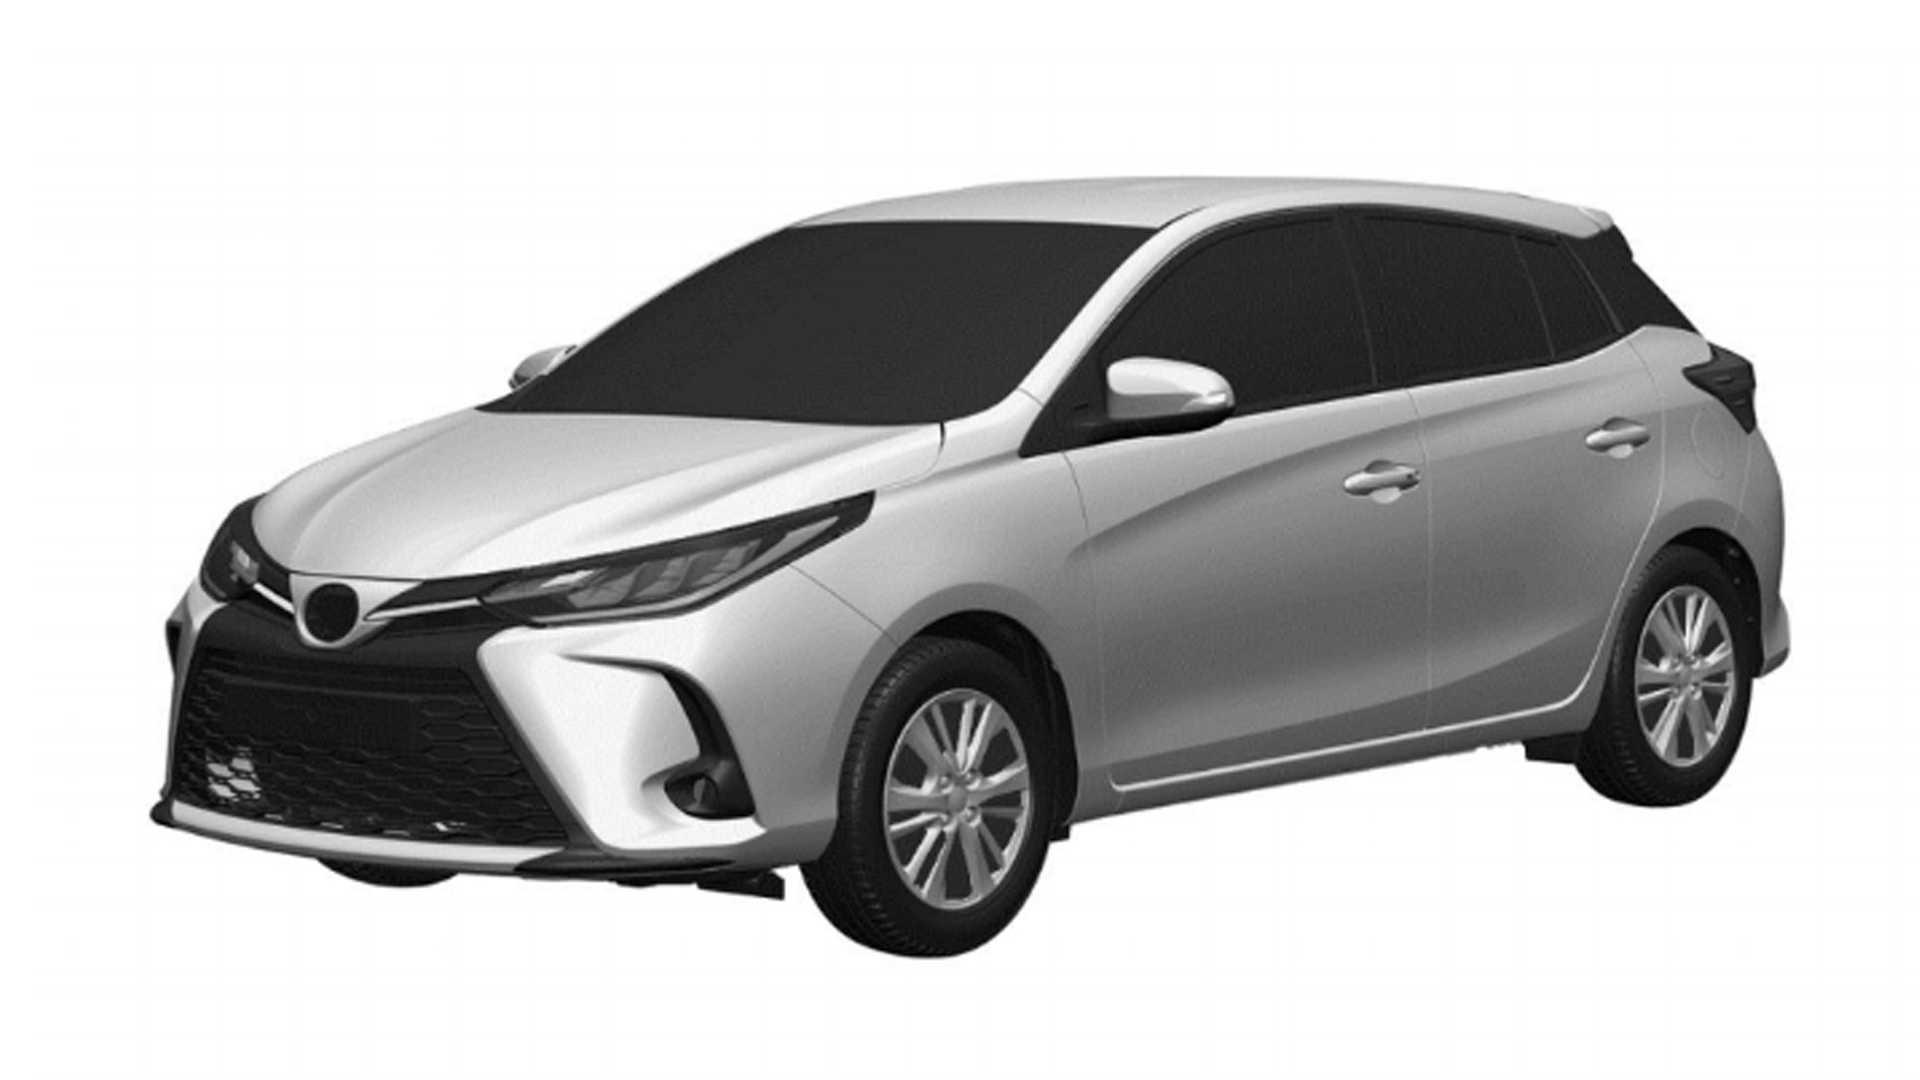 Toyota Yaris reestilizado